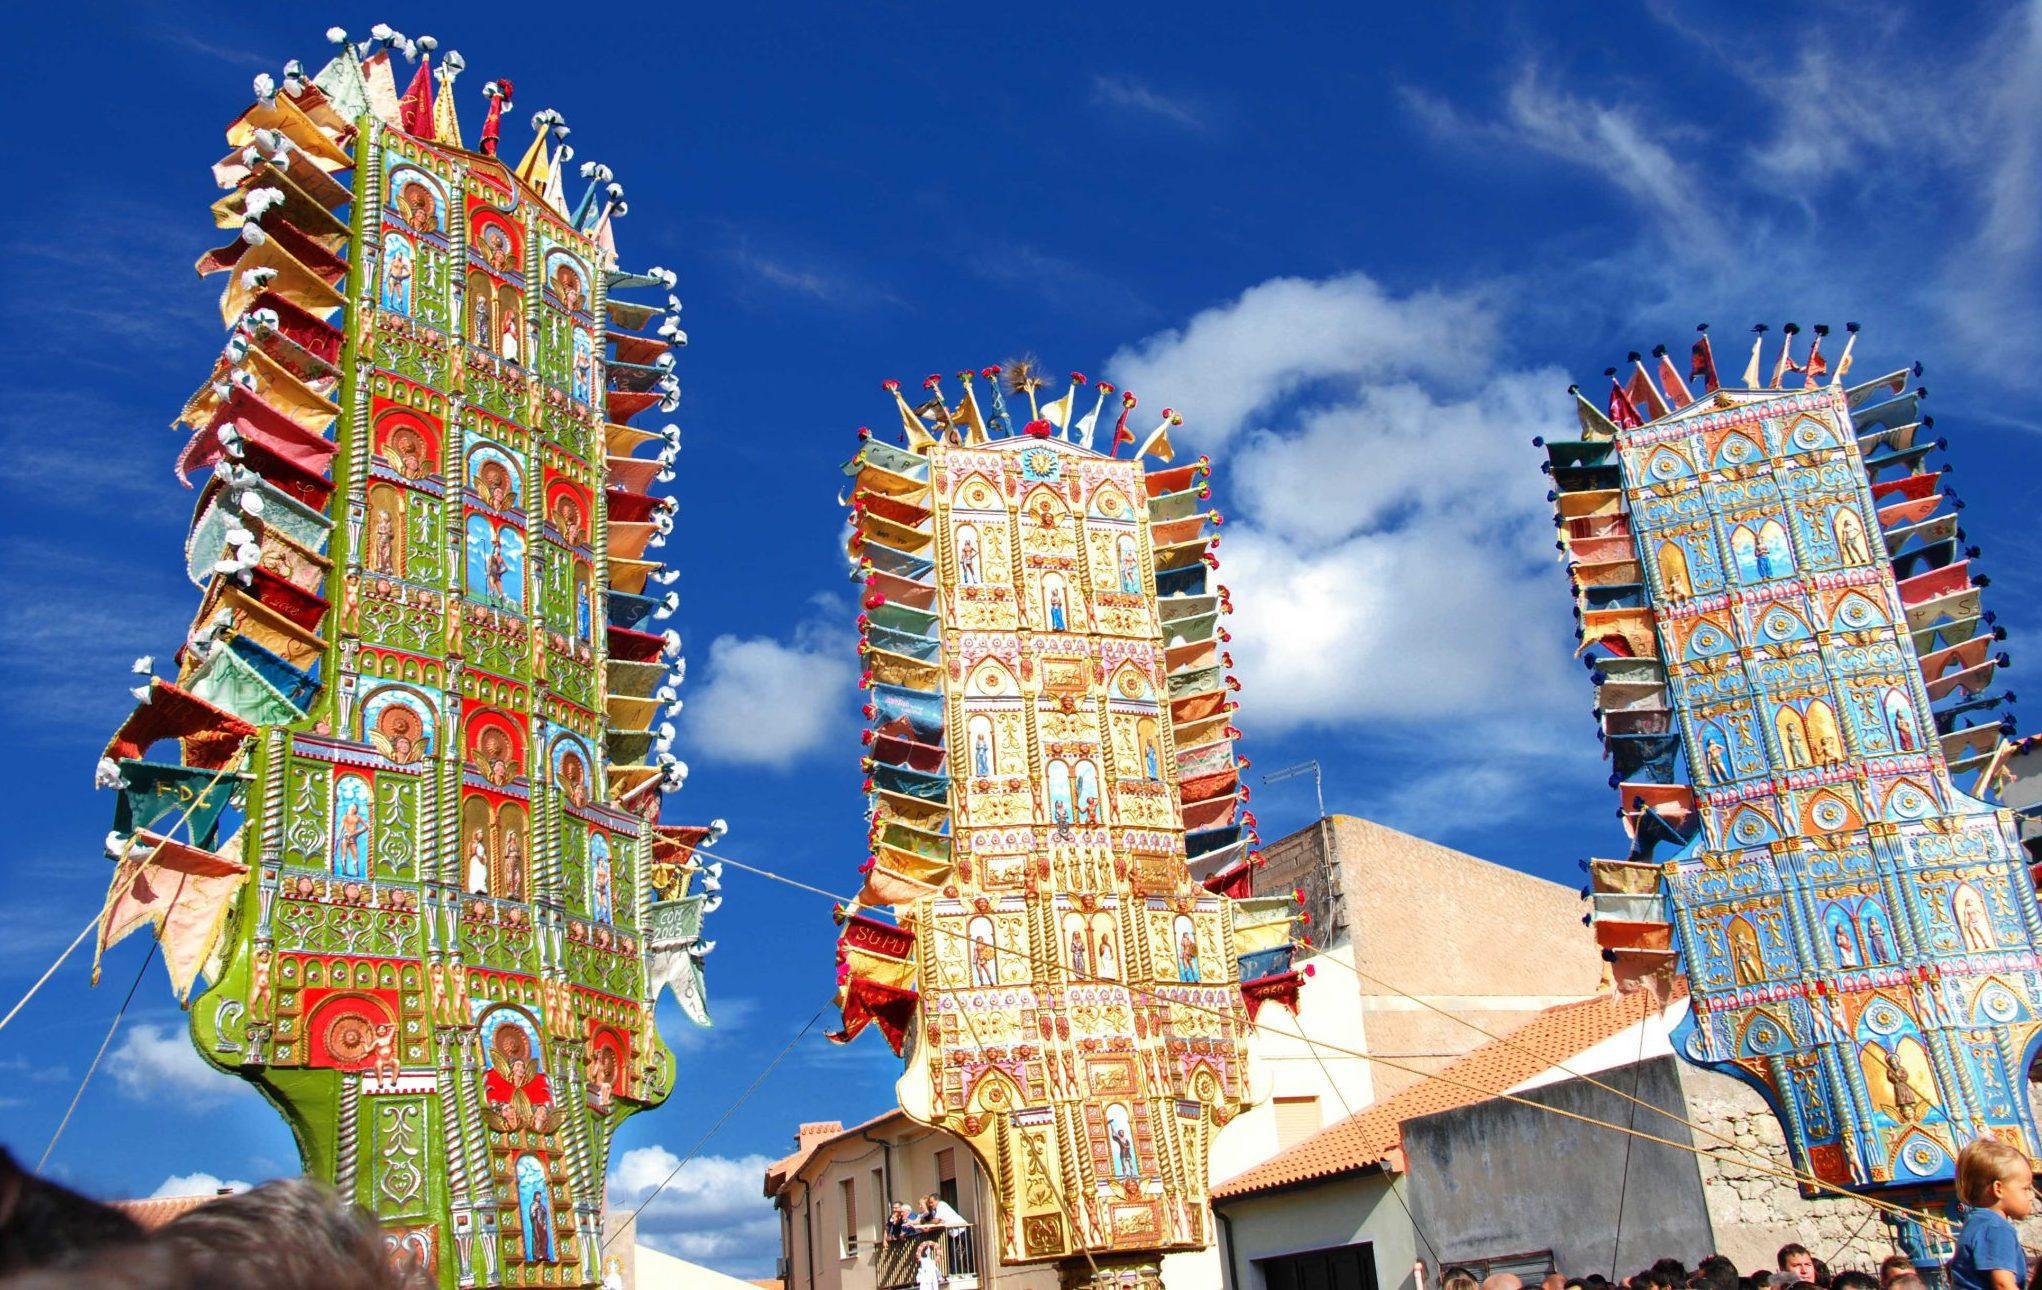 Devozione, tradizione e tanto spettacolo è l'Agosto di Nulvi, che si prepara all'Essìda de Sos Candhaleris